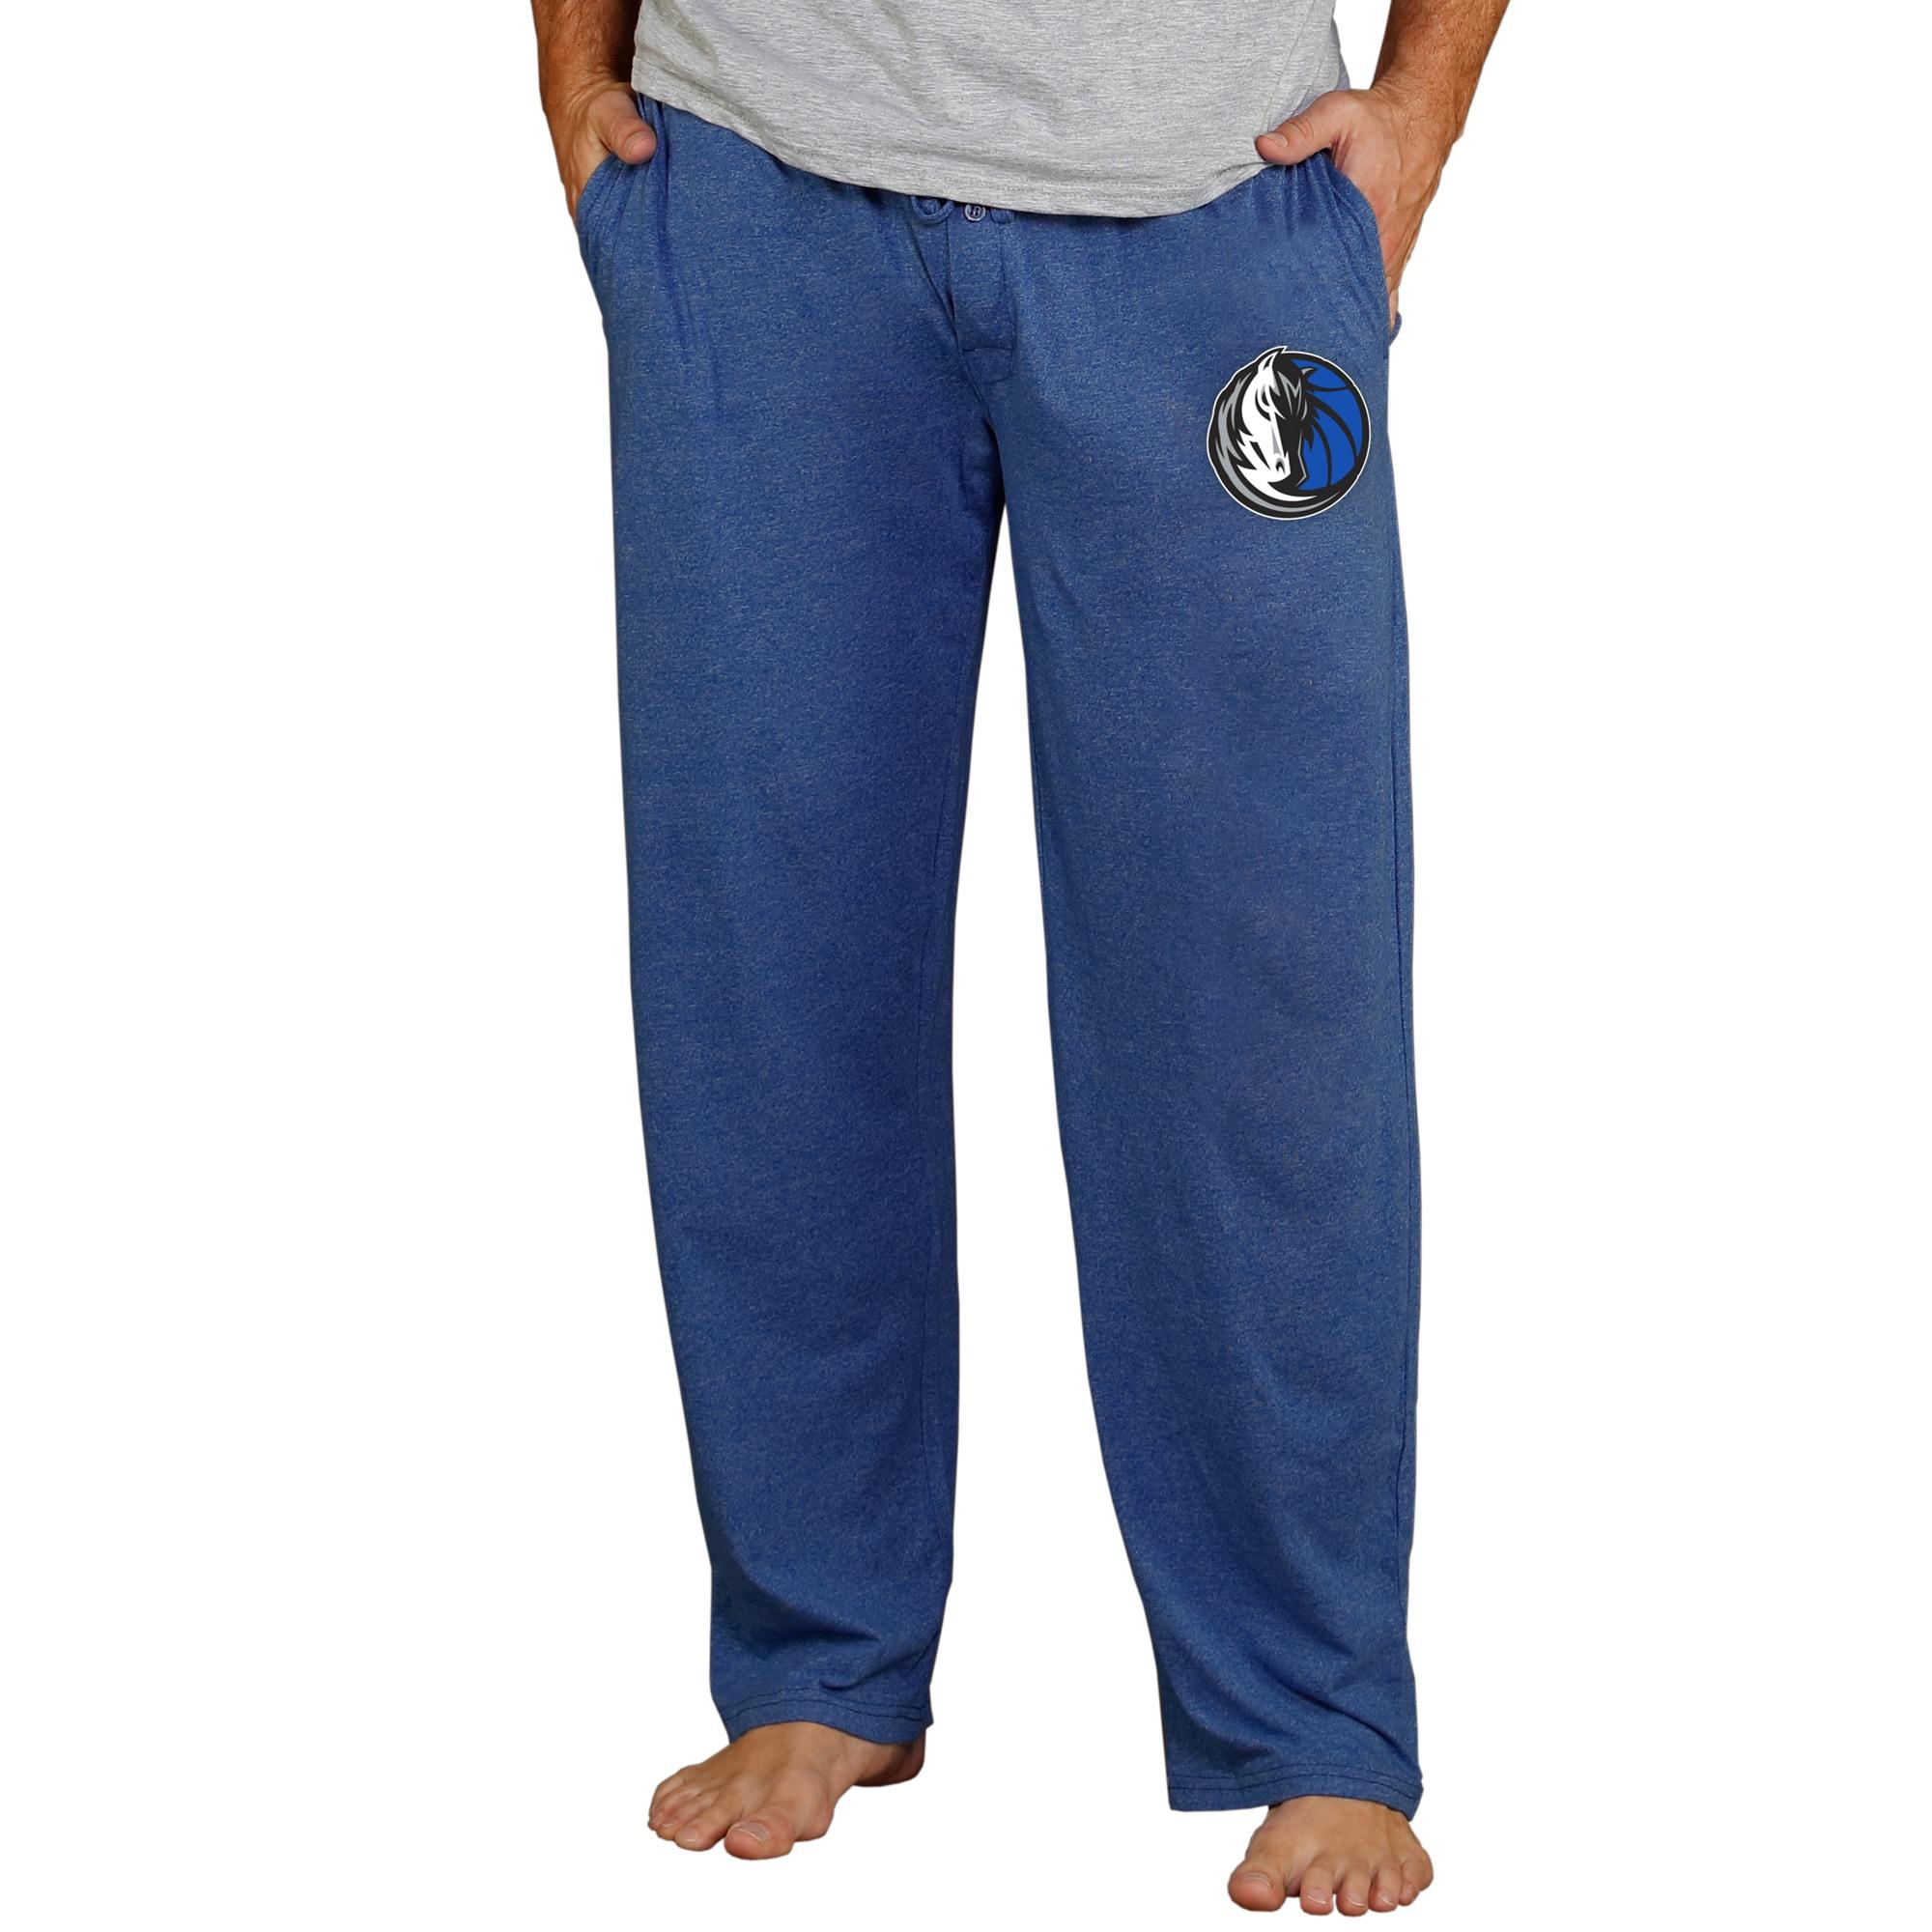 Dallas Mavericks Concepts Sport Quest Knit Pants - Navy